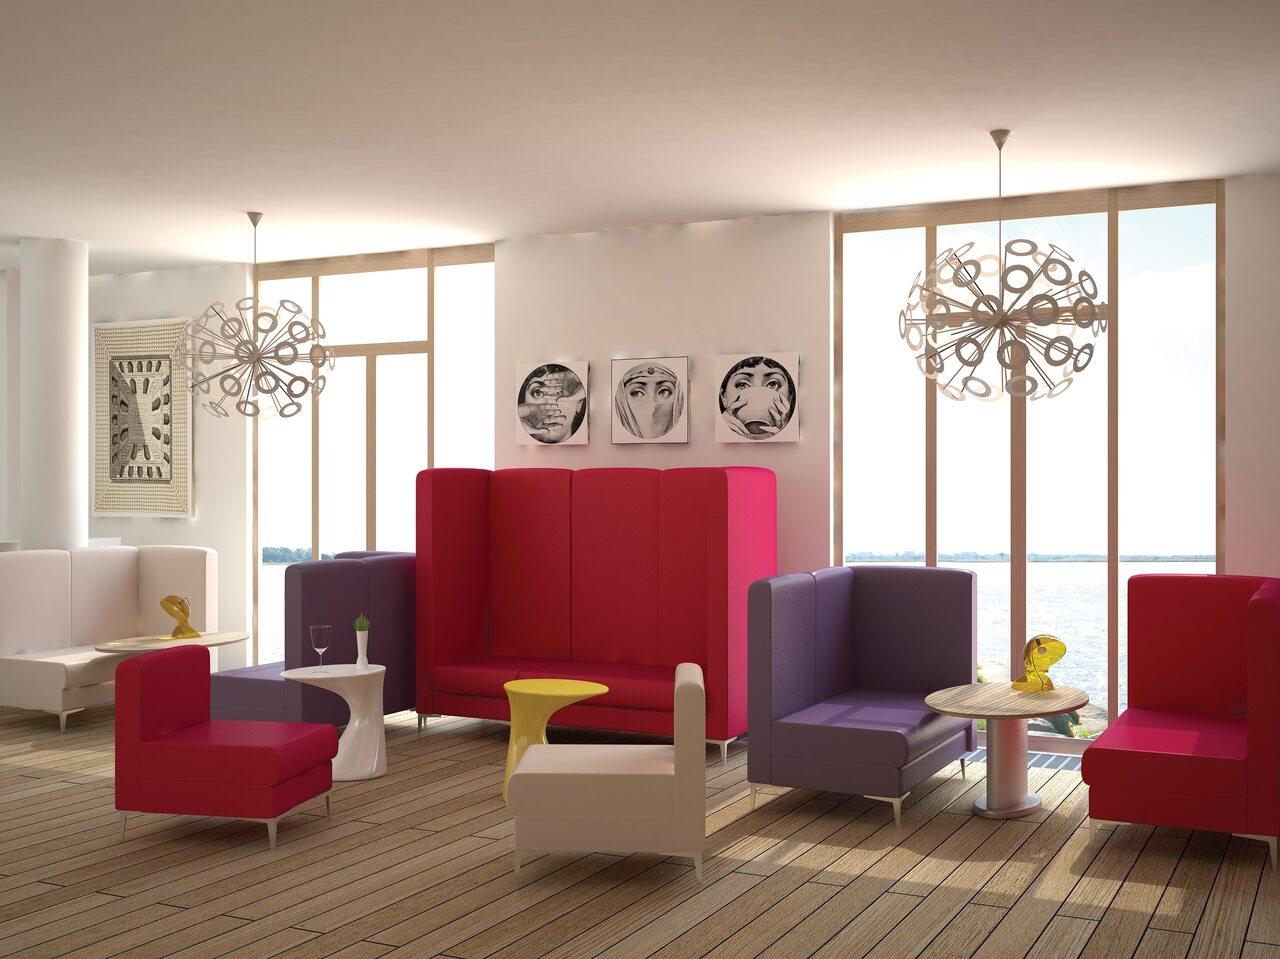 Мягкая офисная мебель М6 Soft room - фото 1